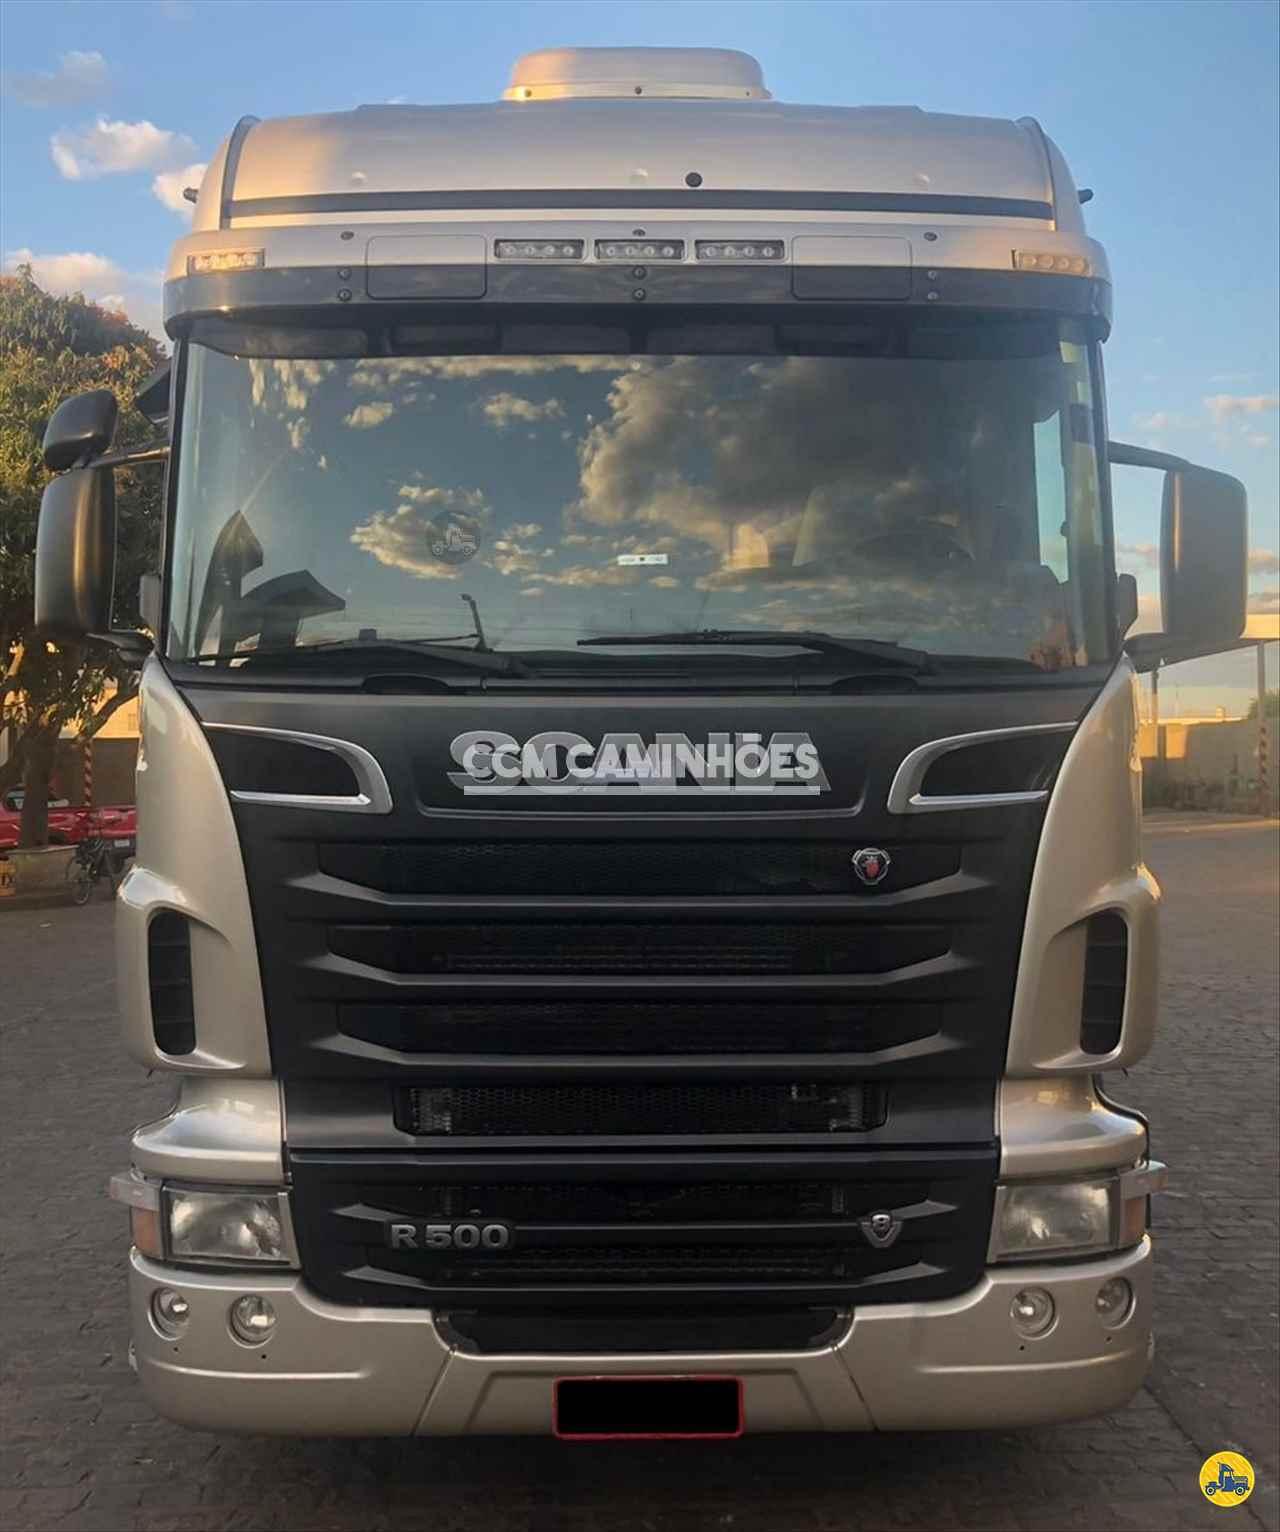 SCANIA 500 de CCM Caminhões - GOIANIA/GO